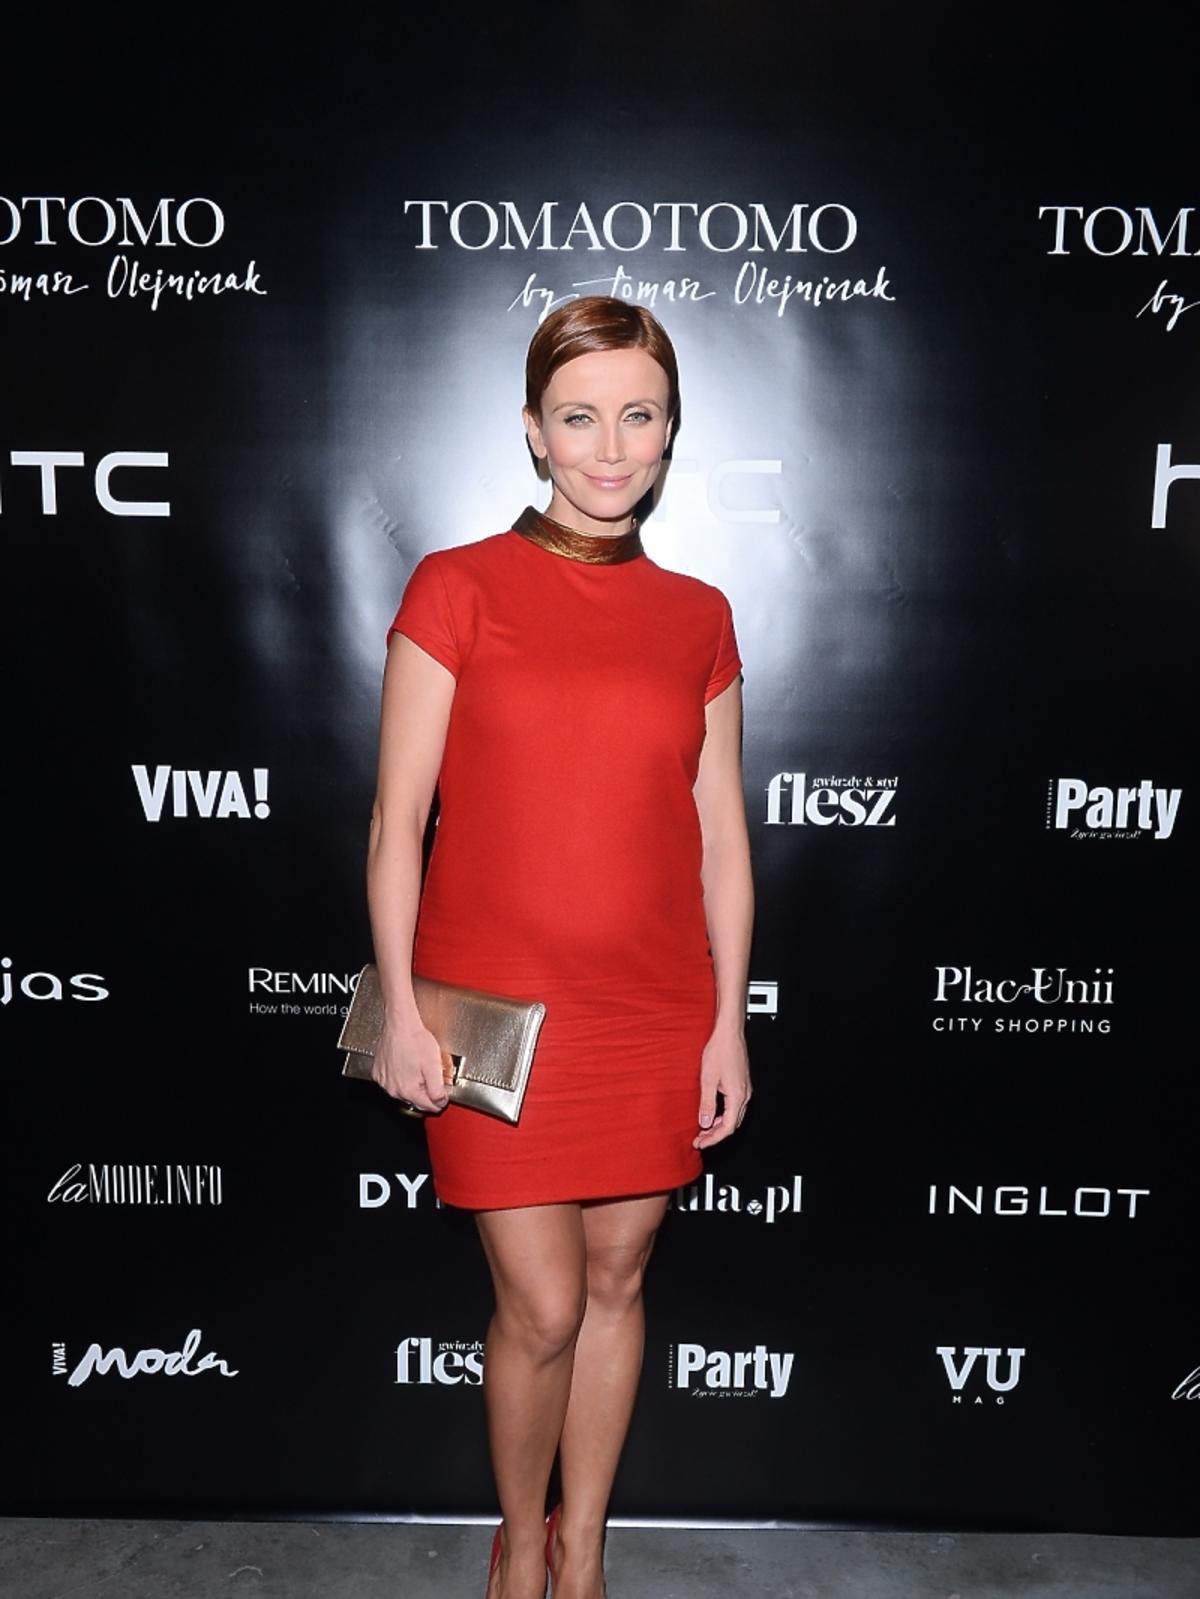 Katarzyna Zielińska na pokazie Tomaotomo